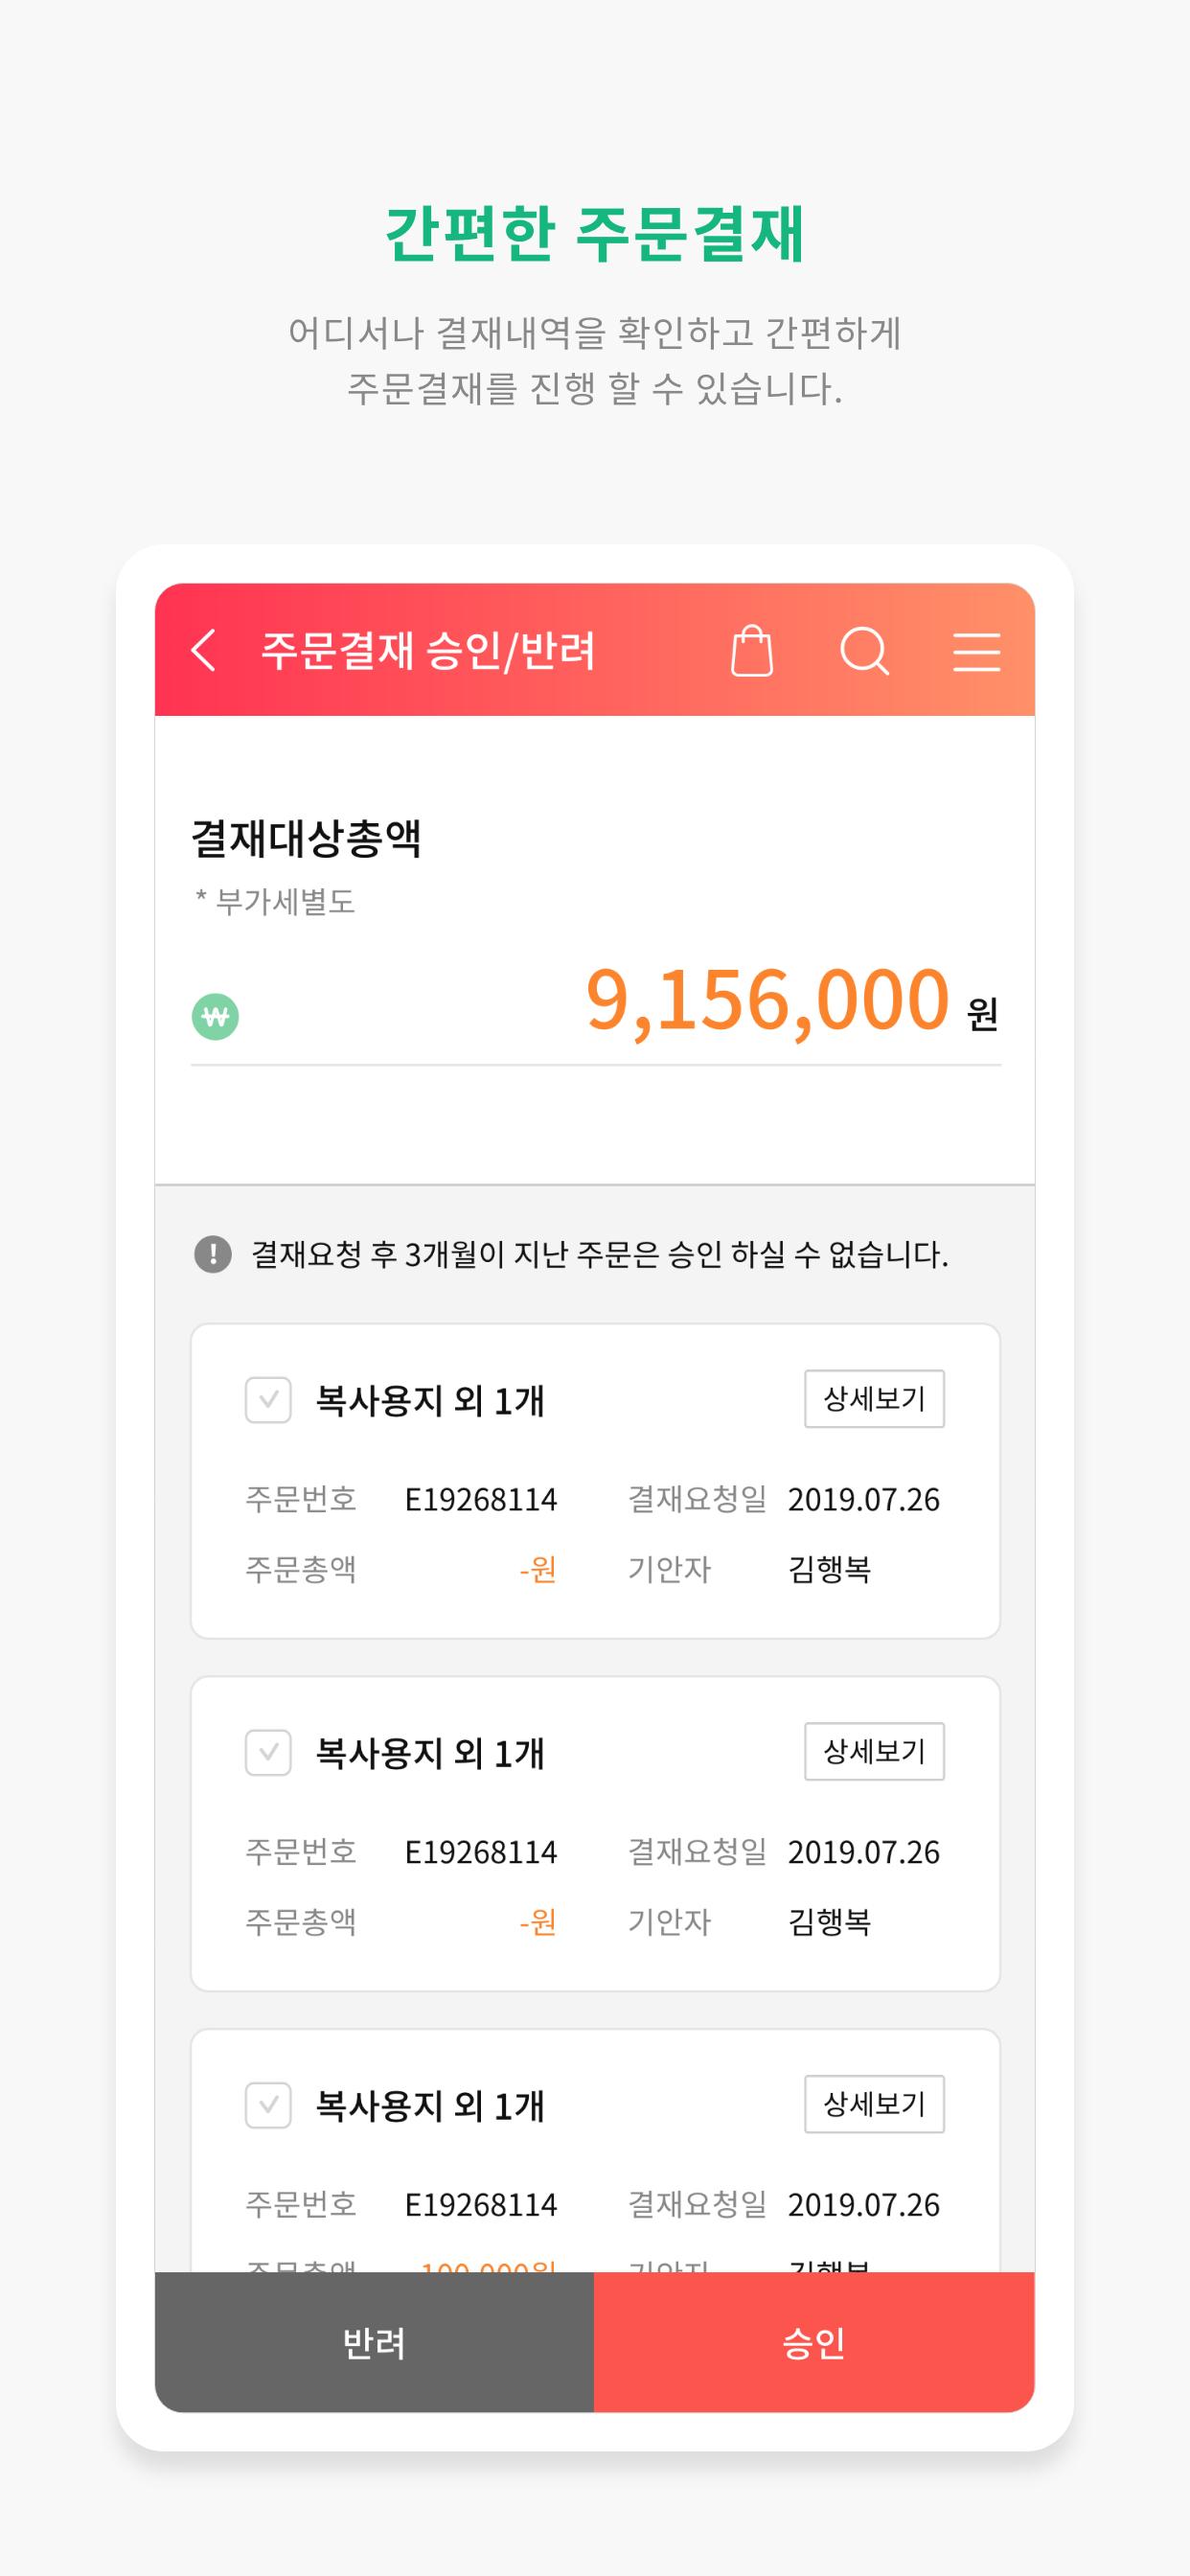 행복나래 HAVIS 모바일 시스템 구축 개발 업무_4